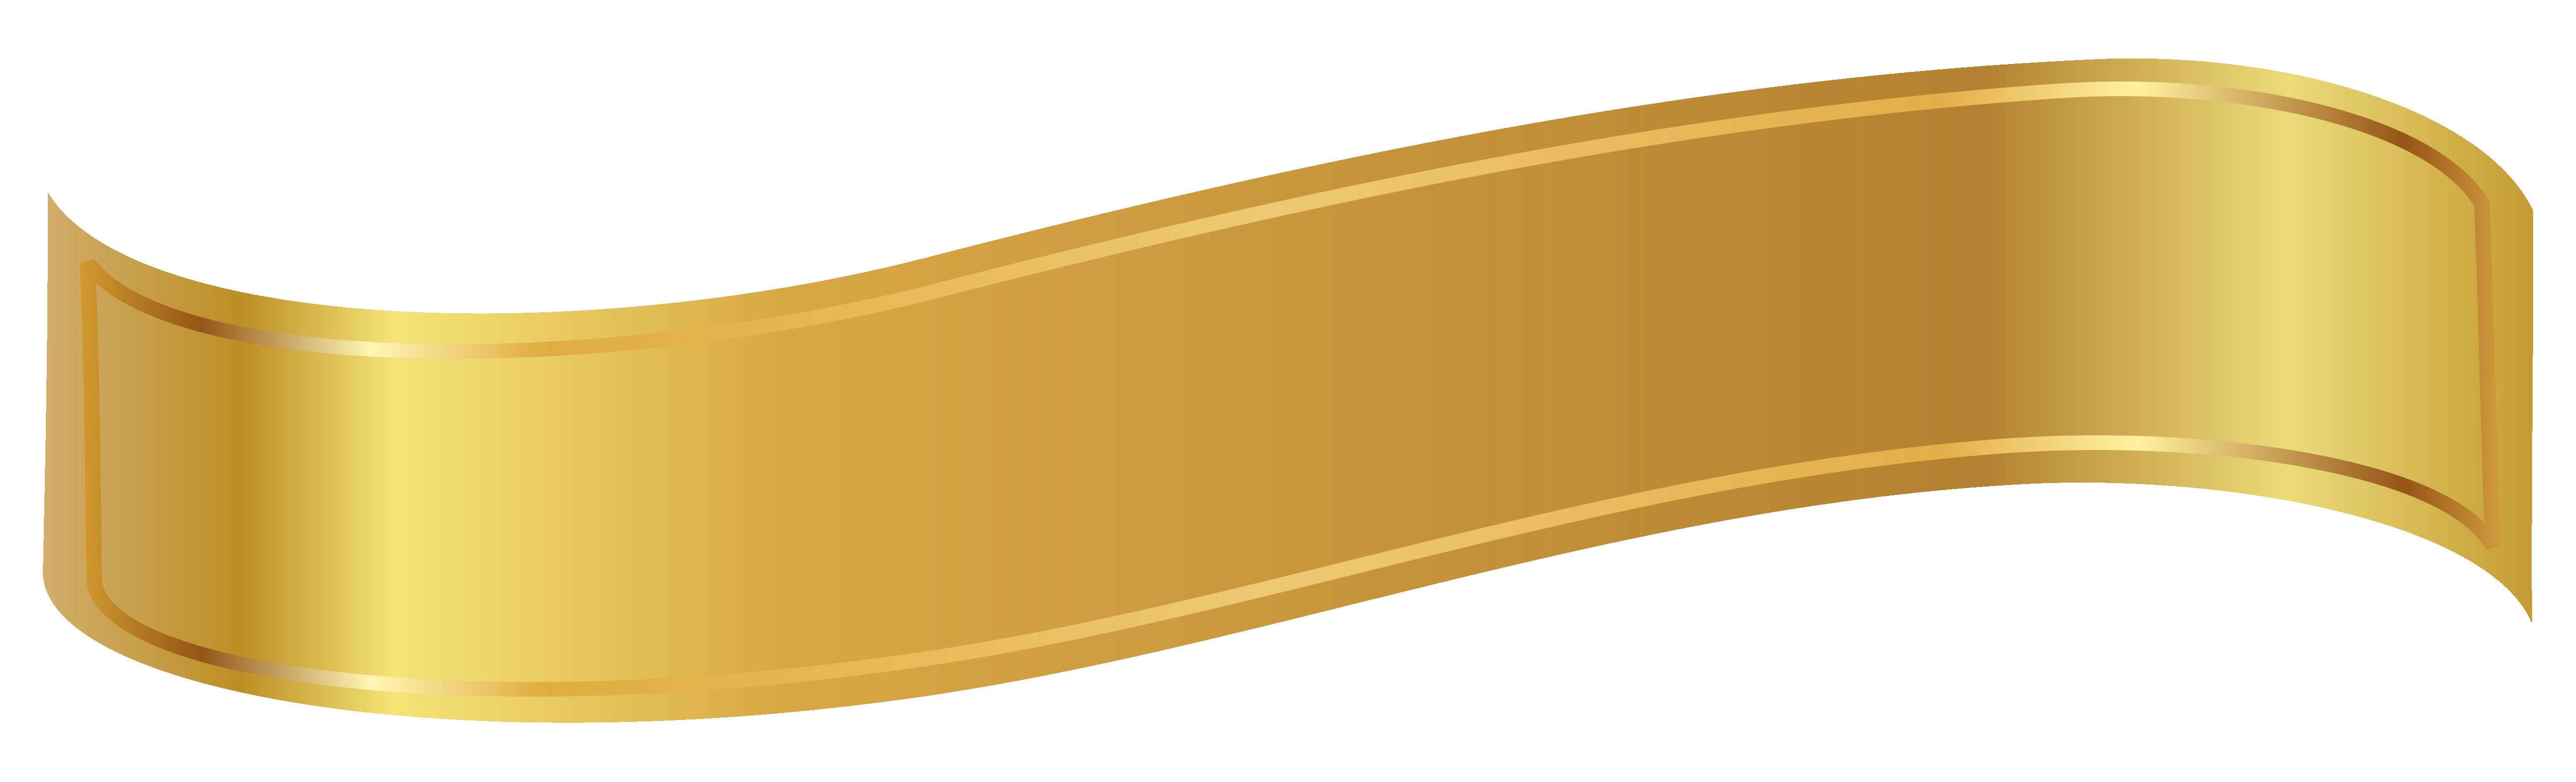 Gold Banner Png Clipart Image Gold Banner Clip Art Banner